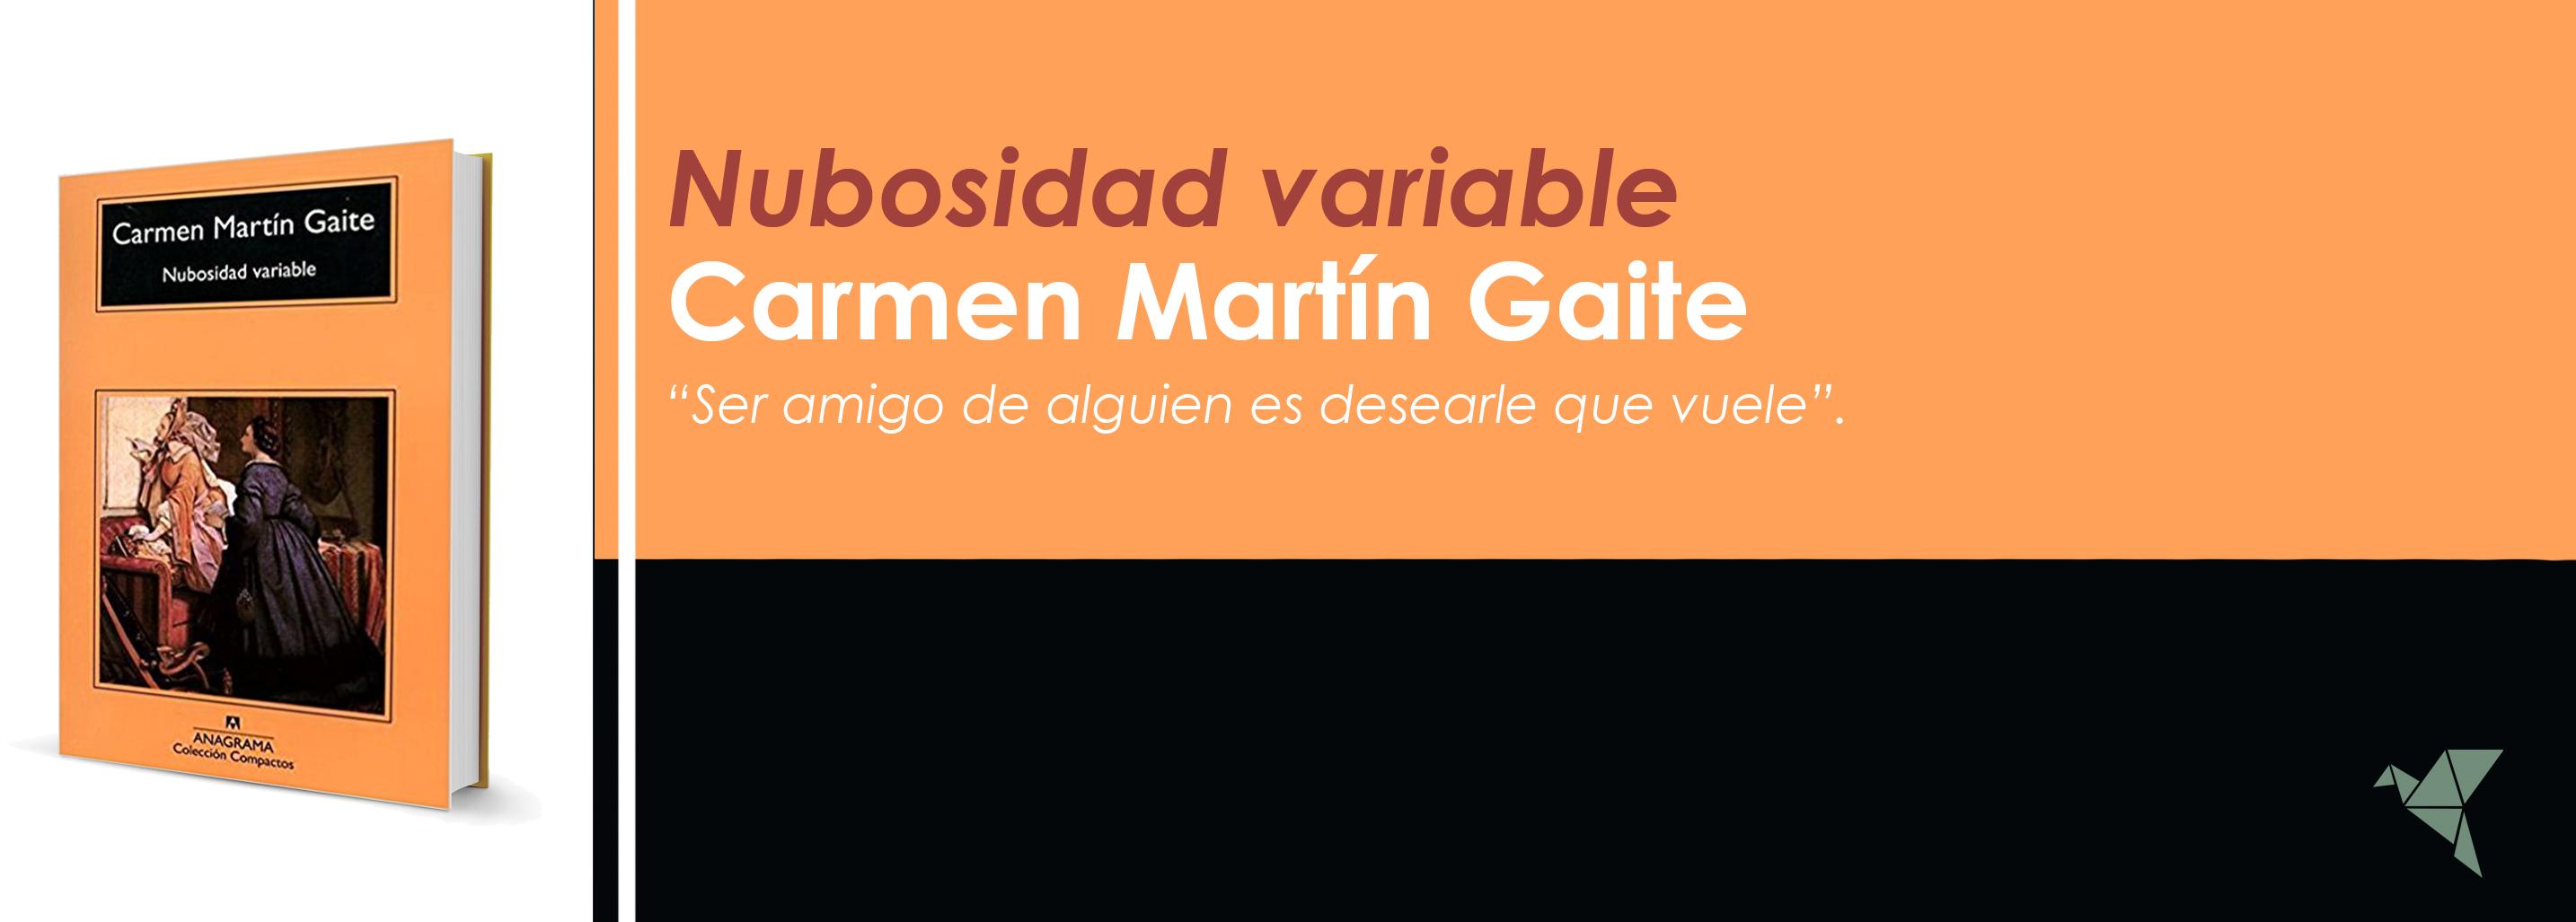 Nubosidad Variable, de Carmen Martín Gaite